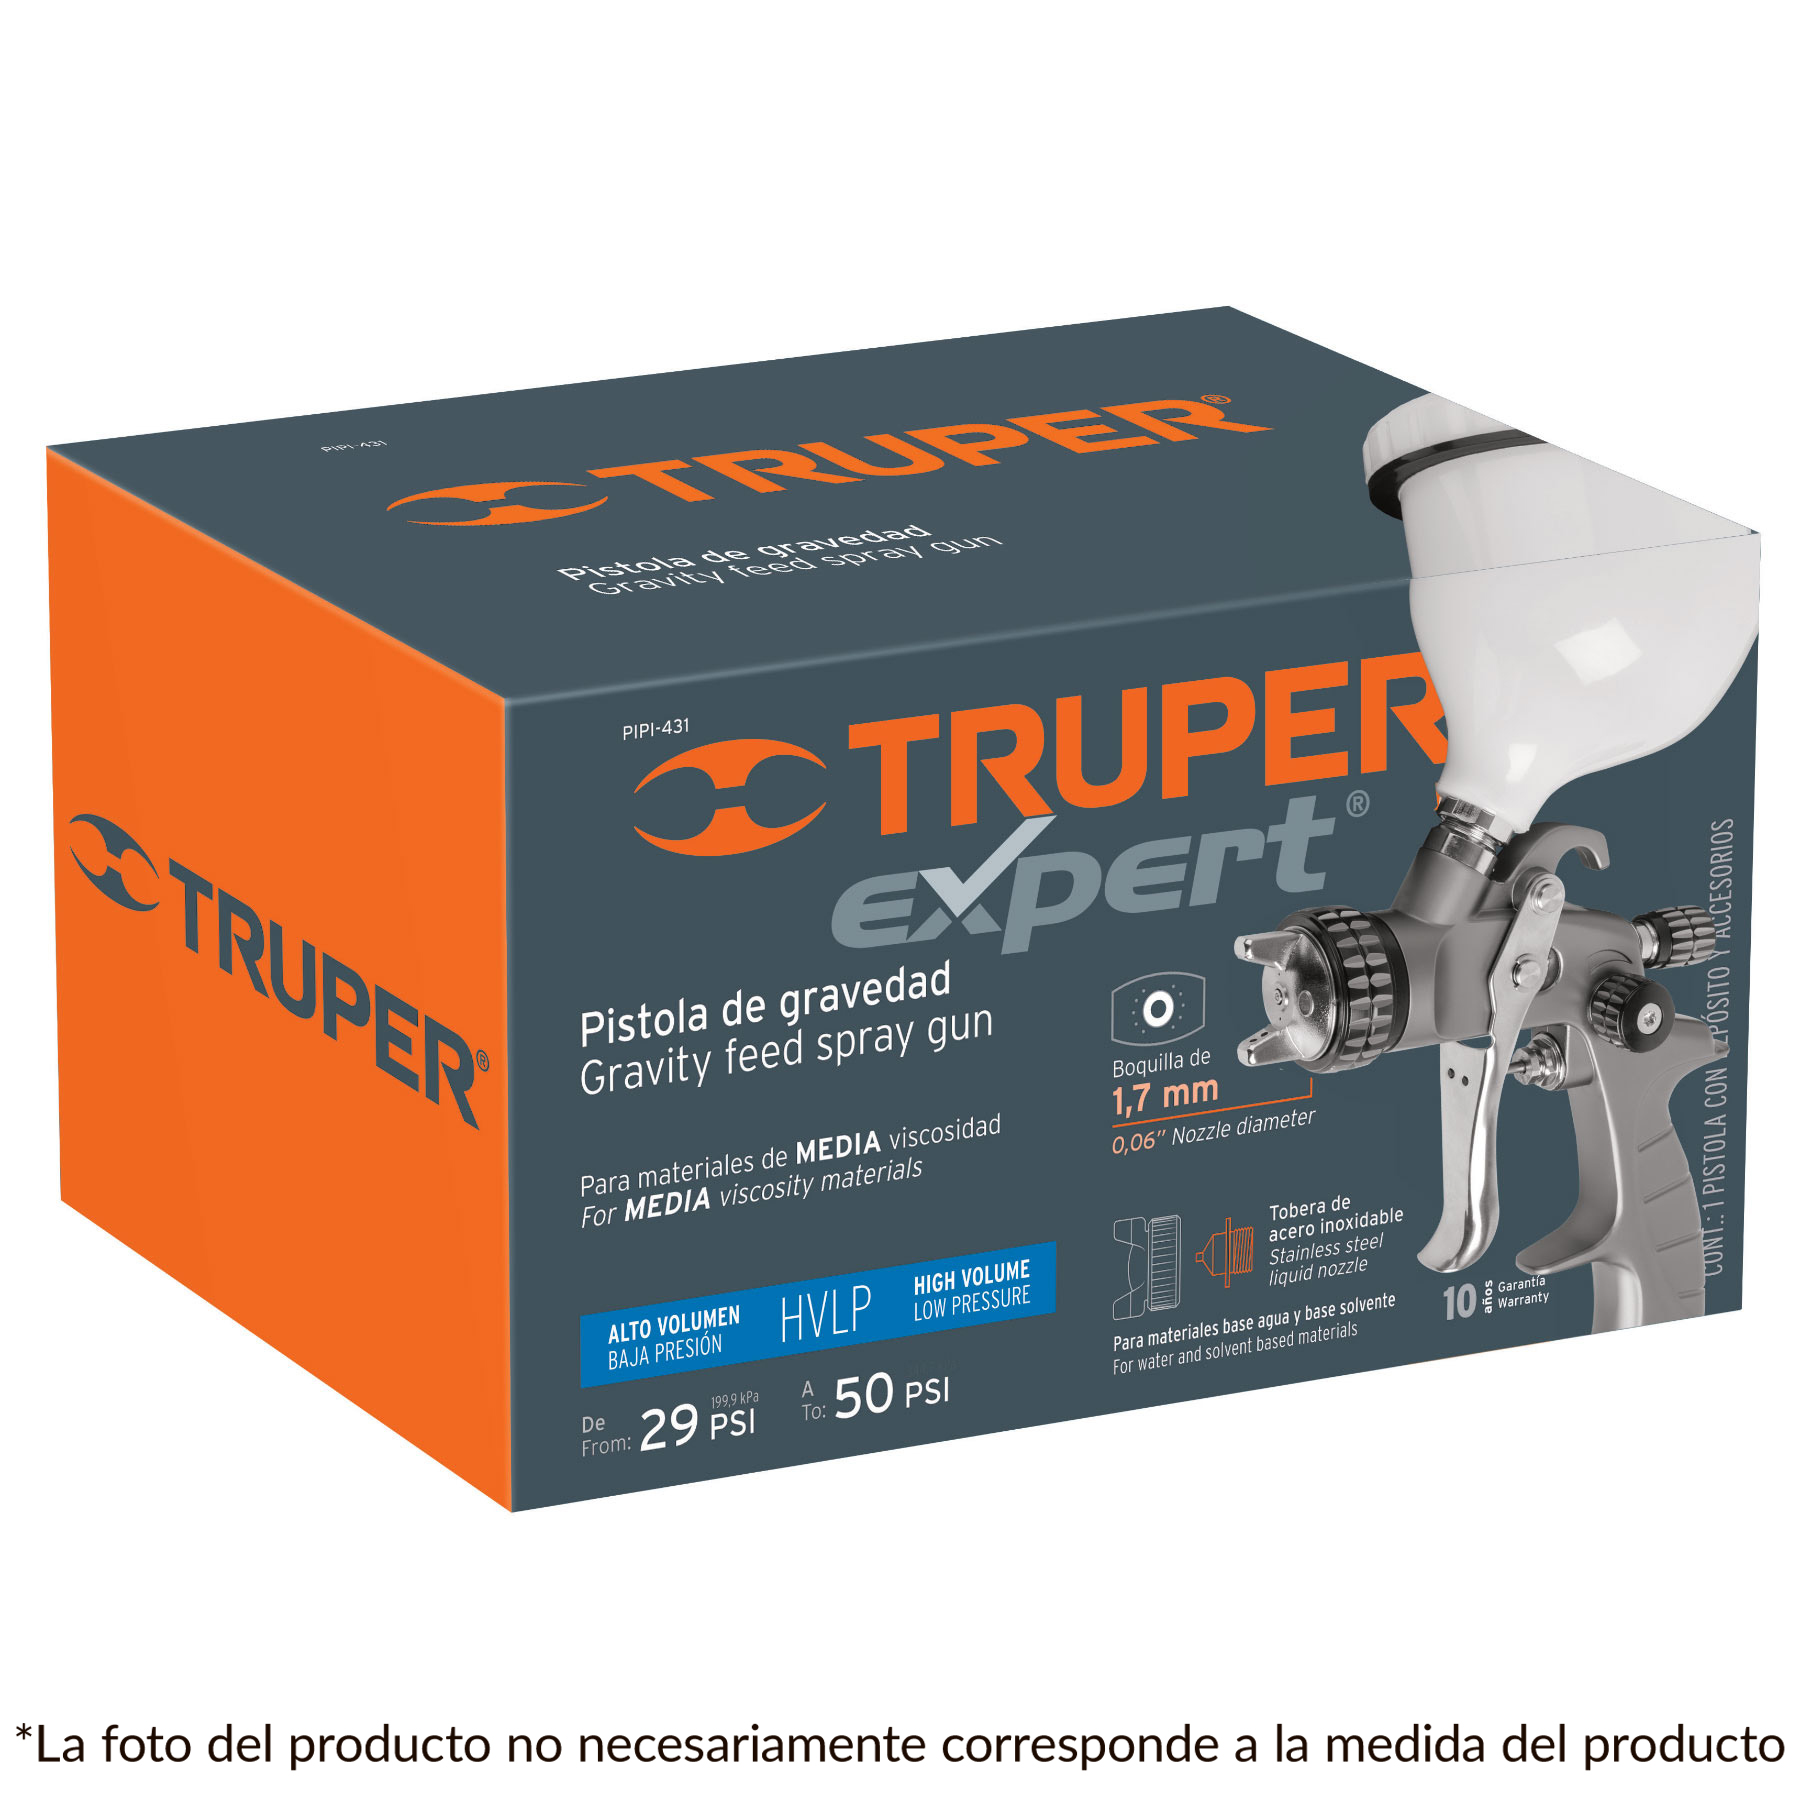 Truper - Pistola p/pintar gravedad HVLP,vaso plástico, boquilla 1.7mm